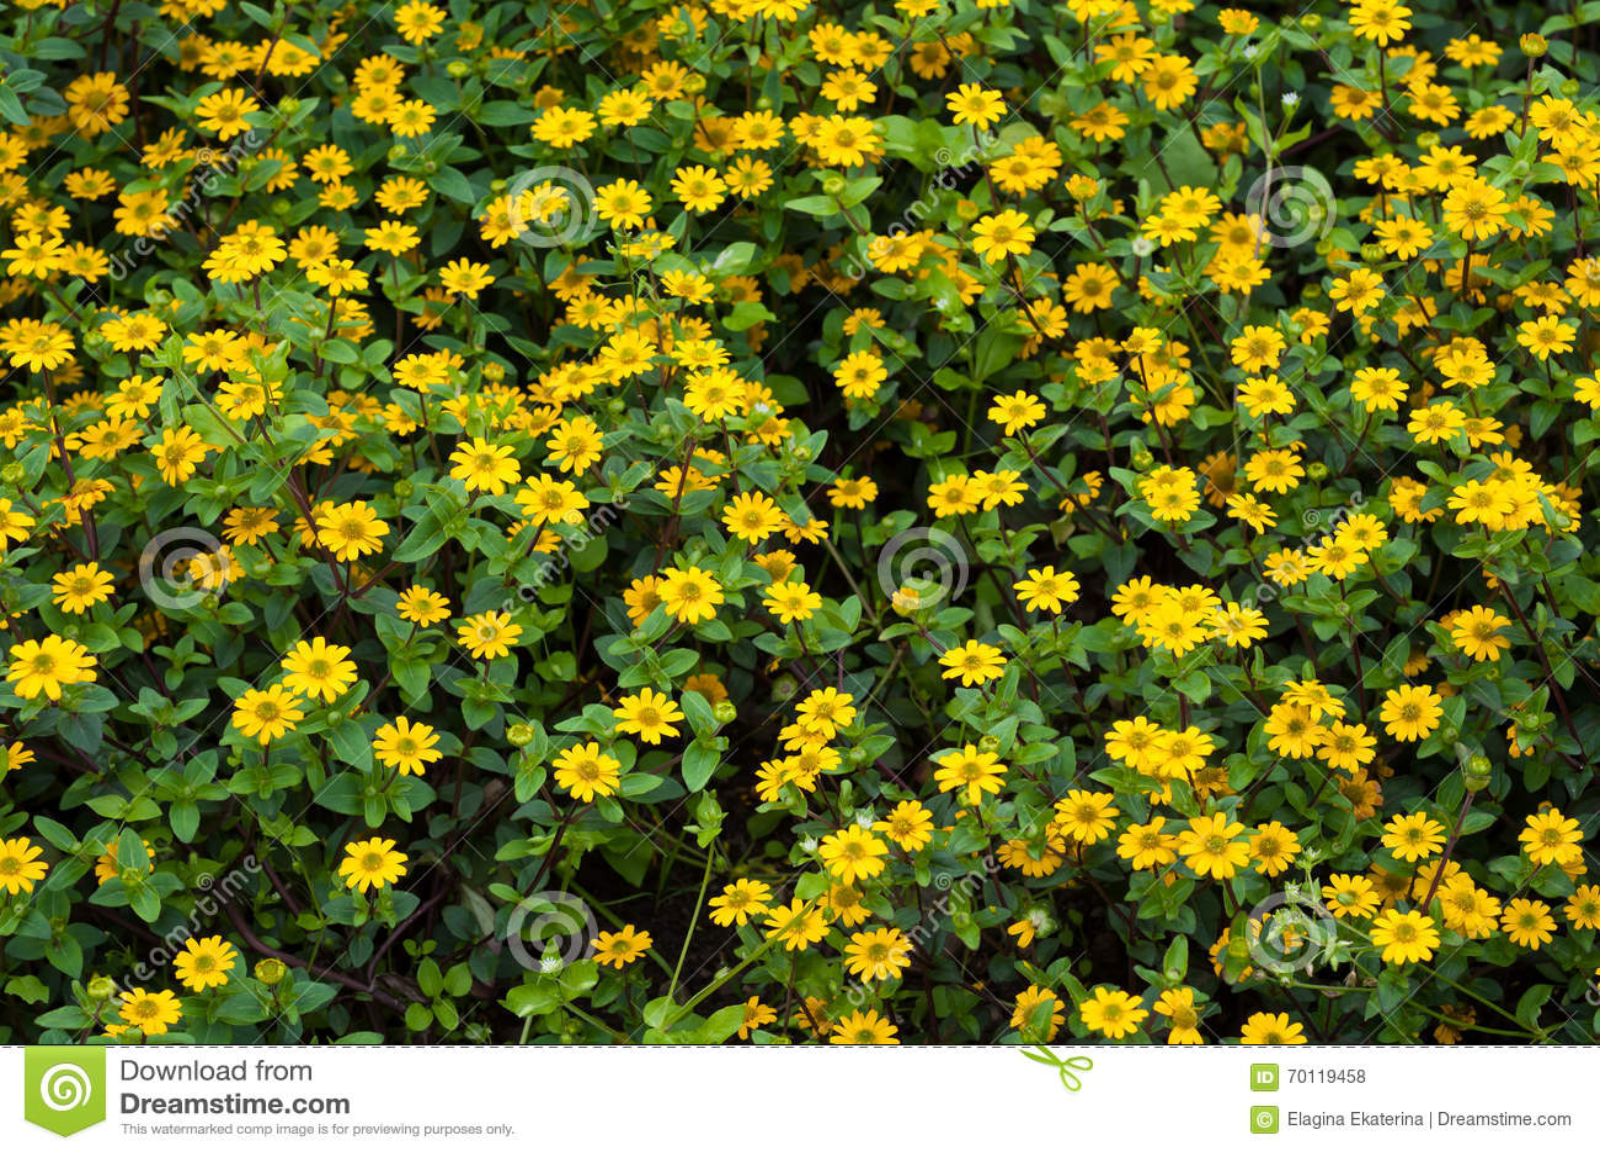 kleine gelbe blumen mit gr nen bl ttern stockfoto bild 70119458. Black Bedroom Furniture Sets. Home Design Ideas